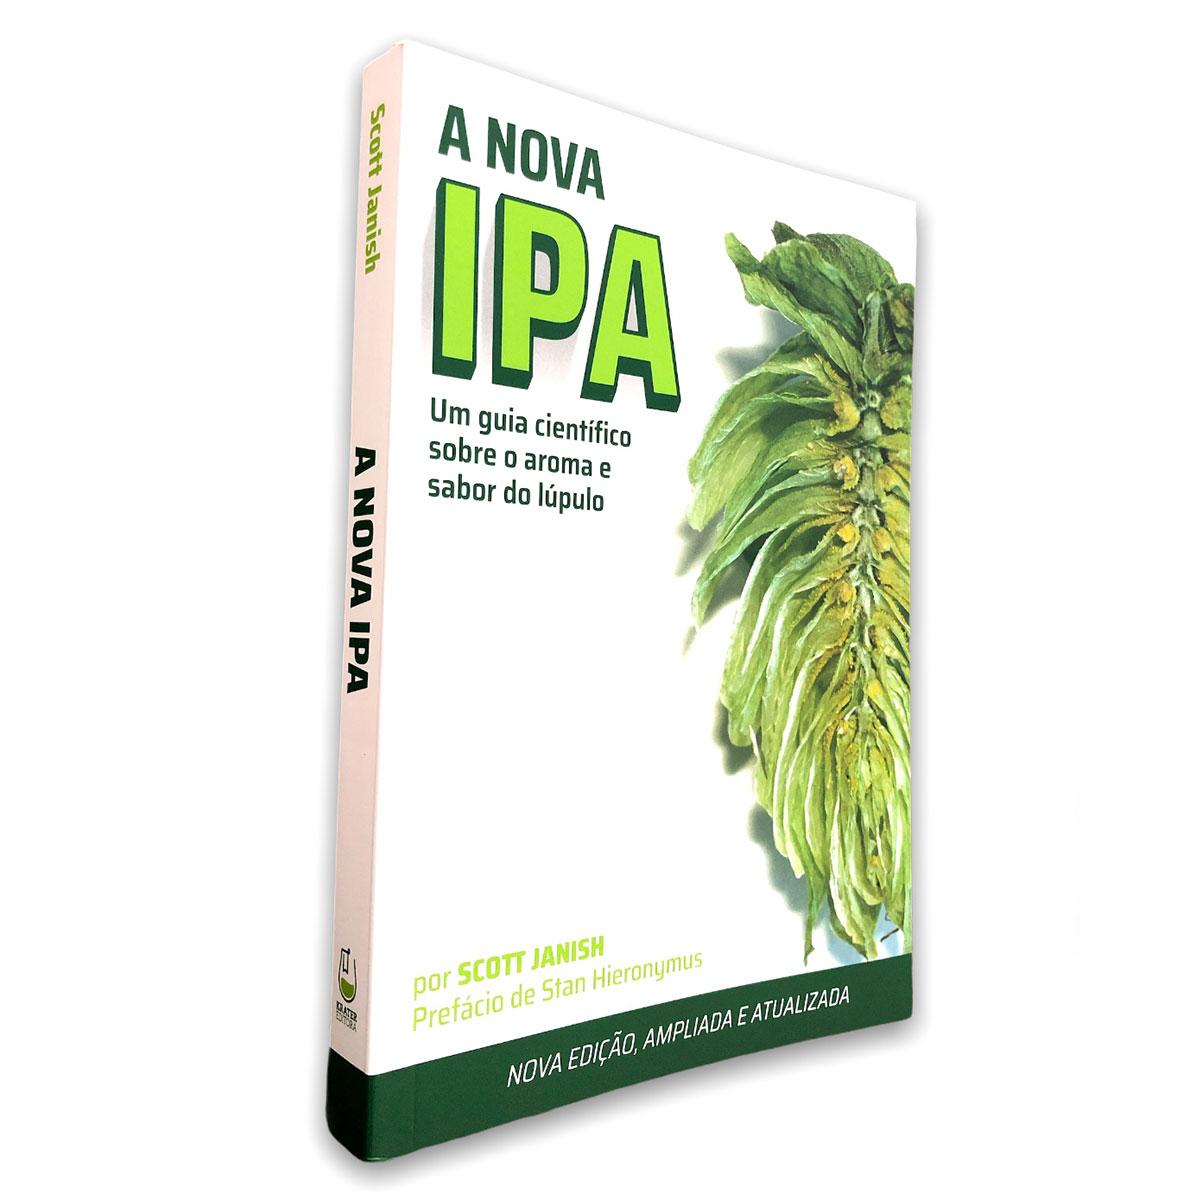 Livro A Nova IPA - Guia Científico sobre o aroma e sabor do Lúpulo